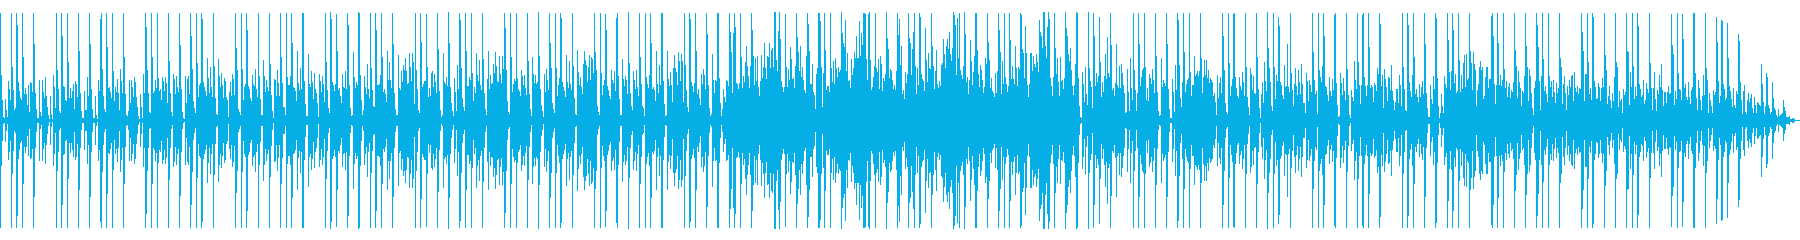 トーク動画などのBGM用テクノの再生済みの波形